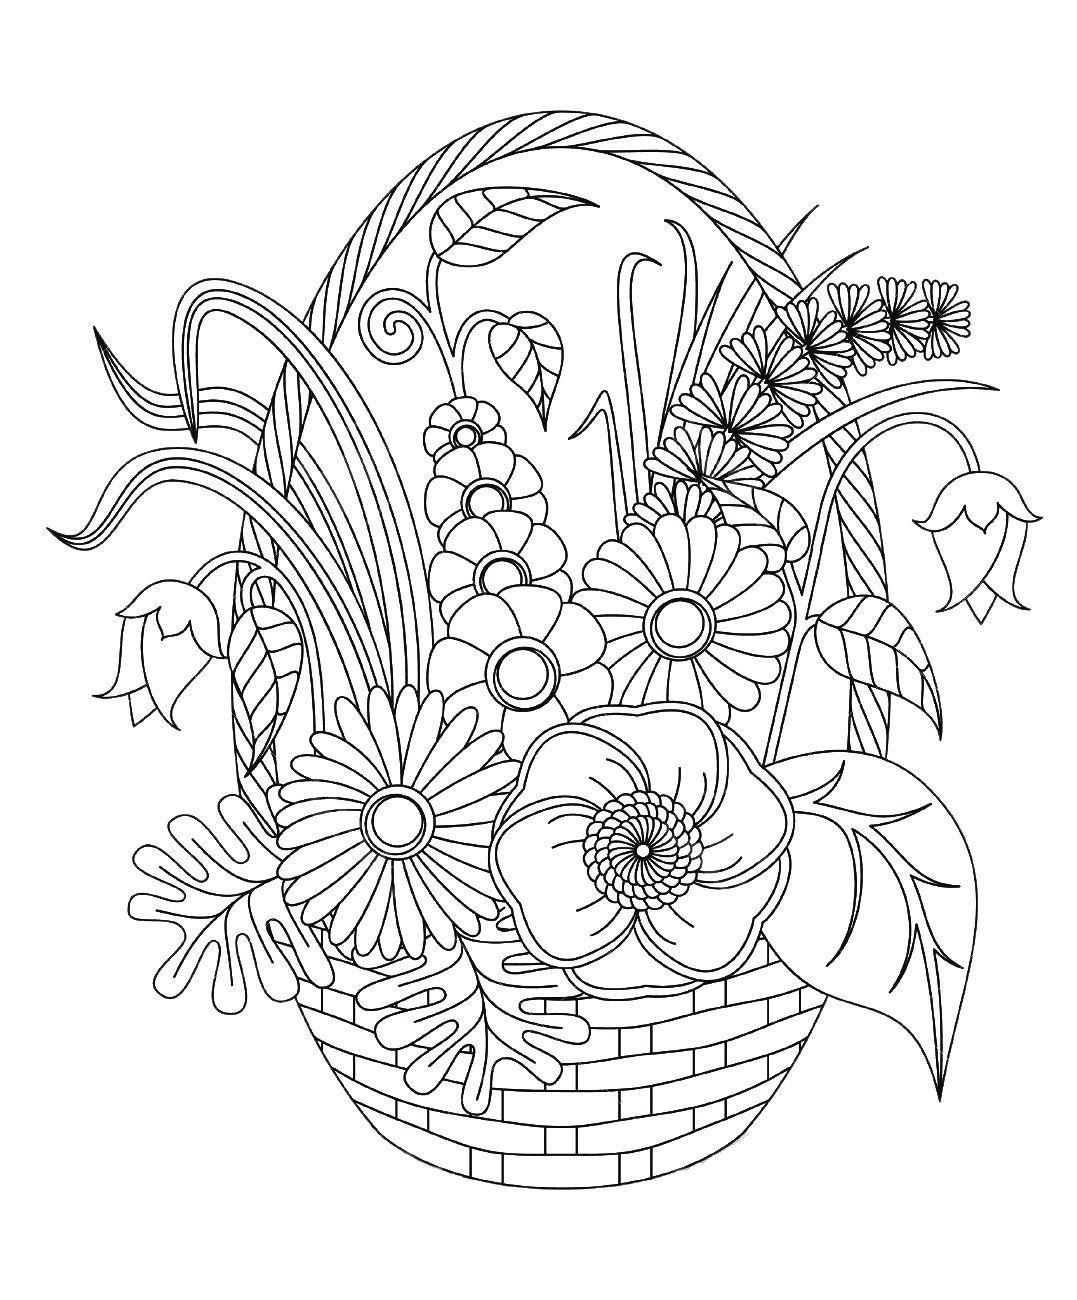 Colorear para adultos : Flores y vegetación - 80Desde la galería ...